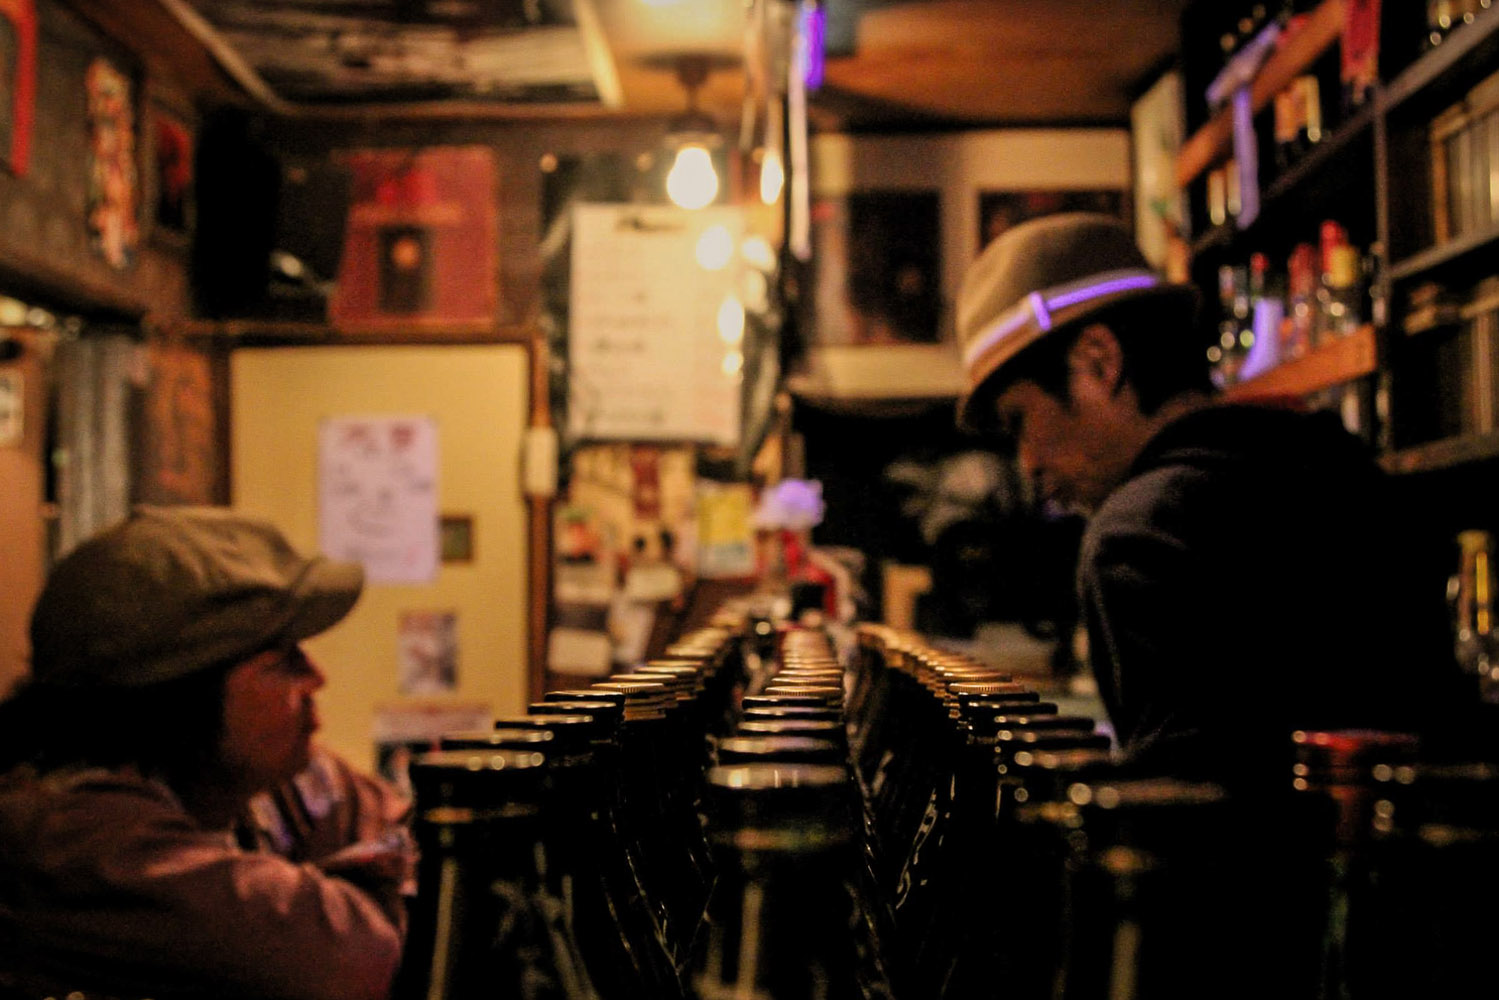 Inside Daikichi, a bar in Golden Gai – Shinjuku, Tokyo